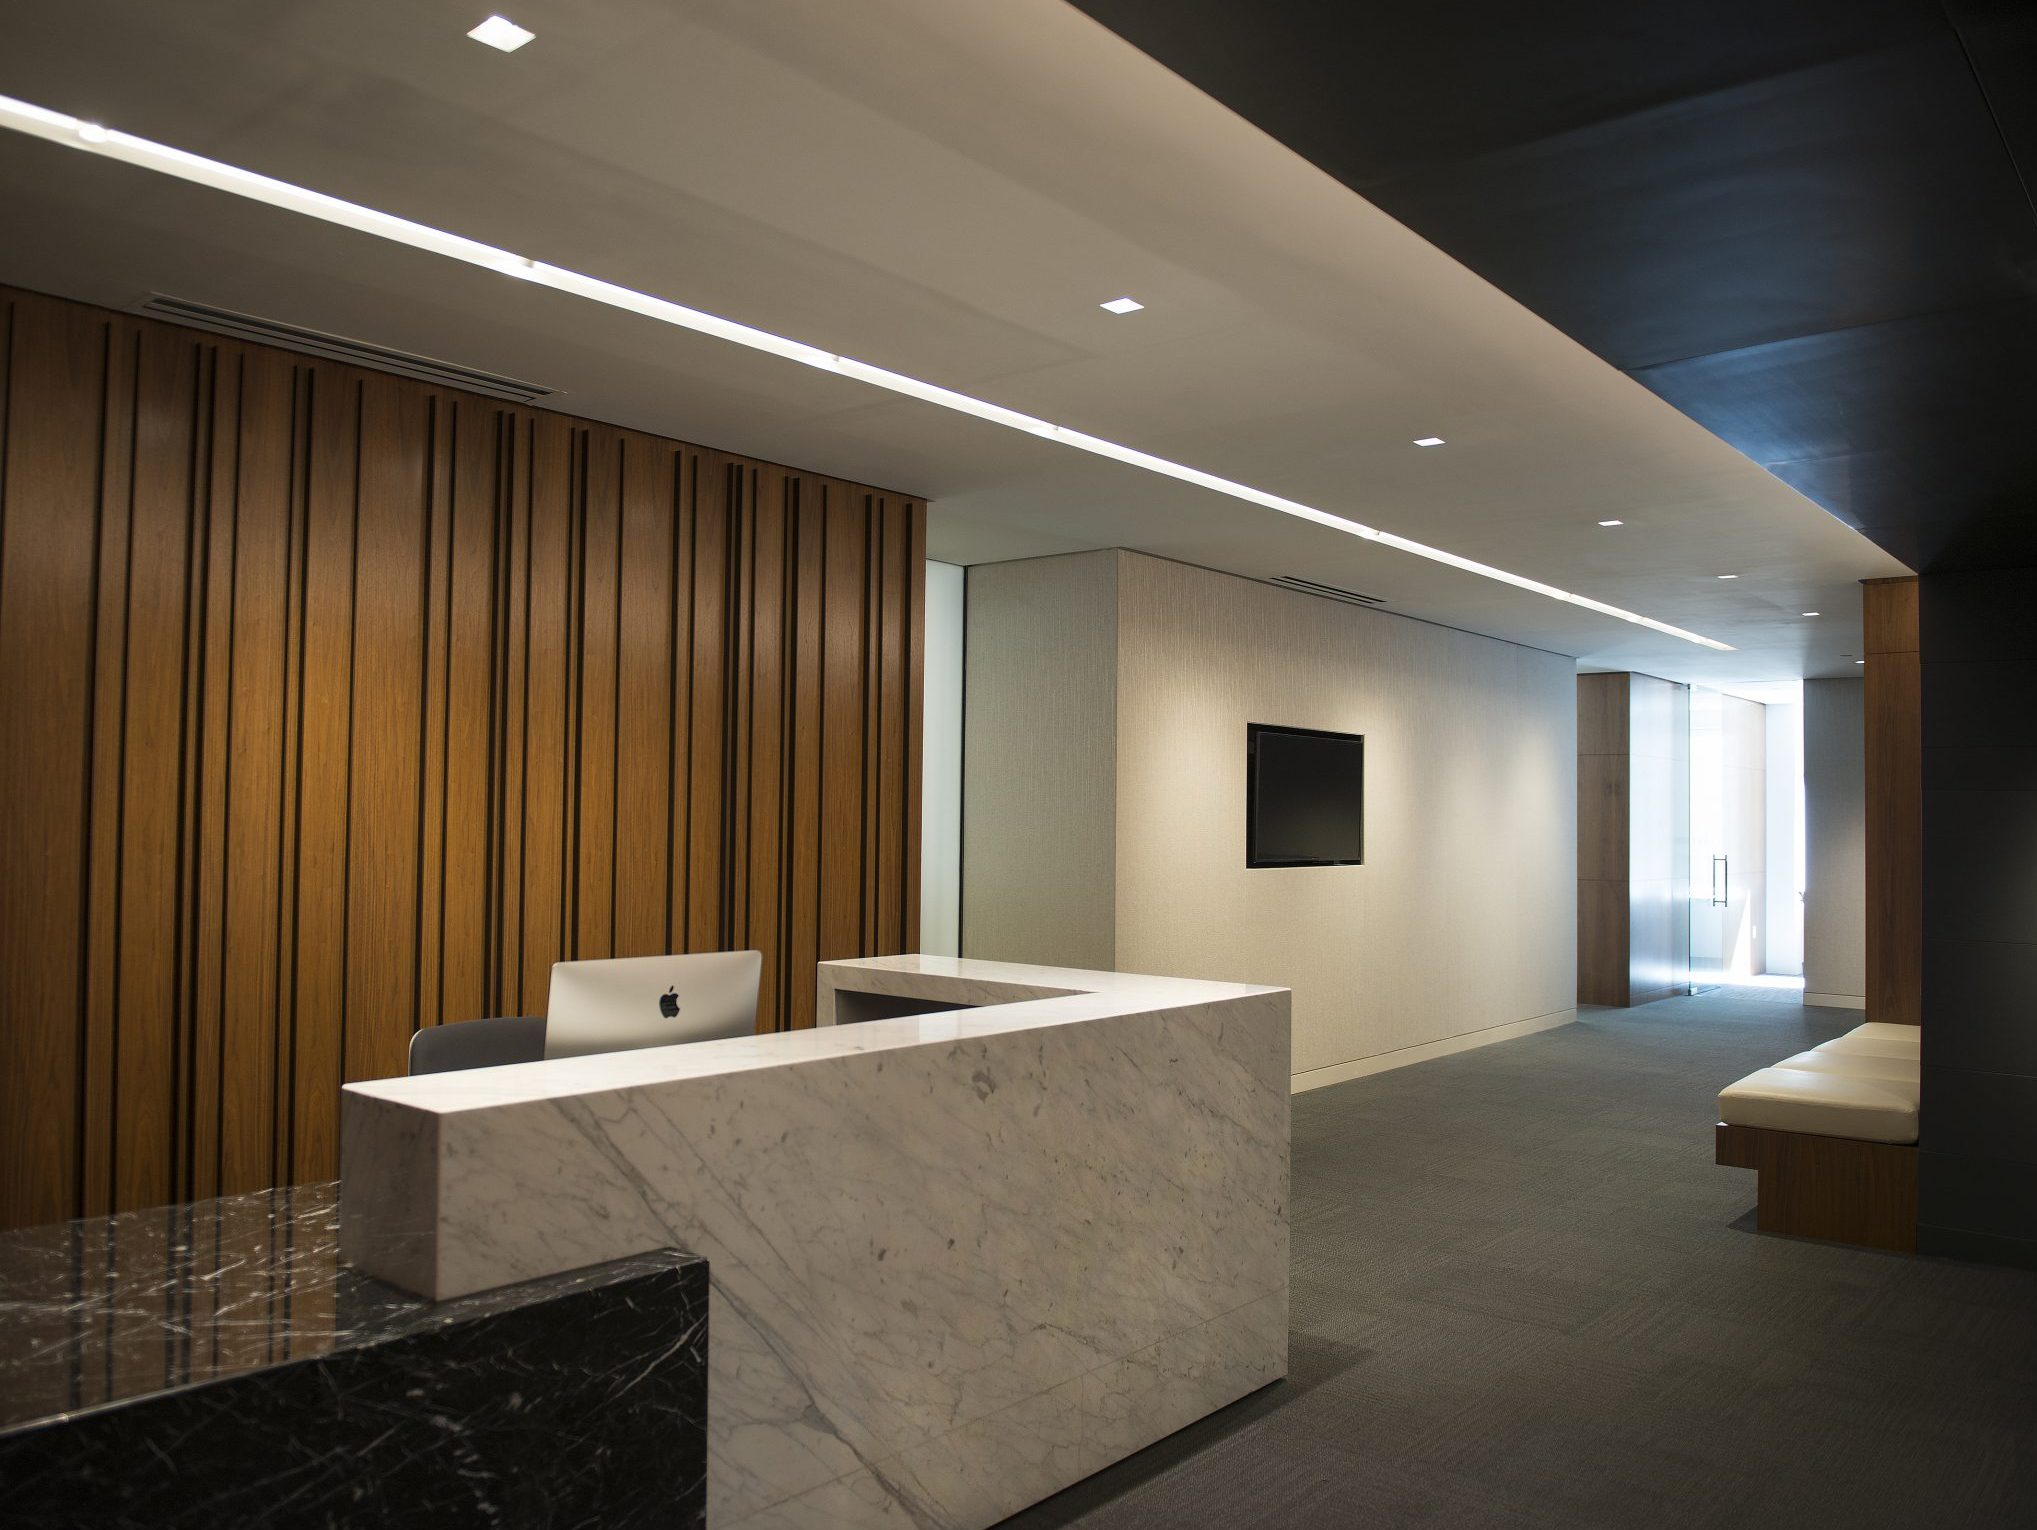 680 Fifth Avenue Corporate Interior